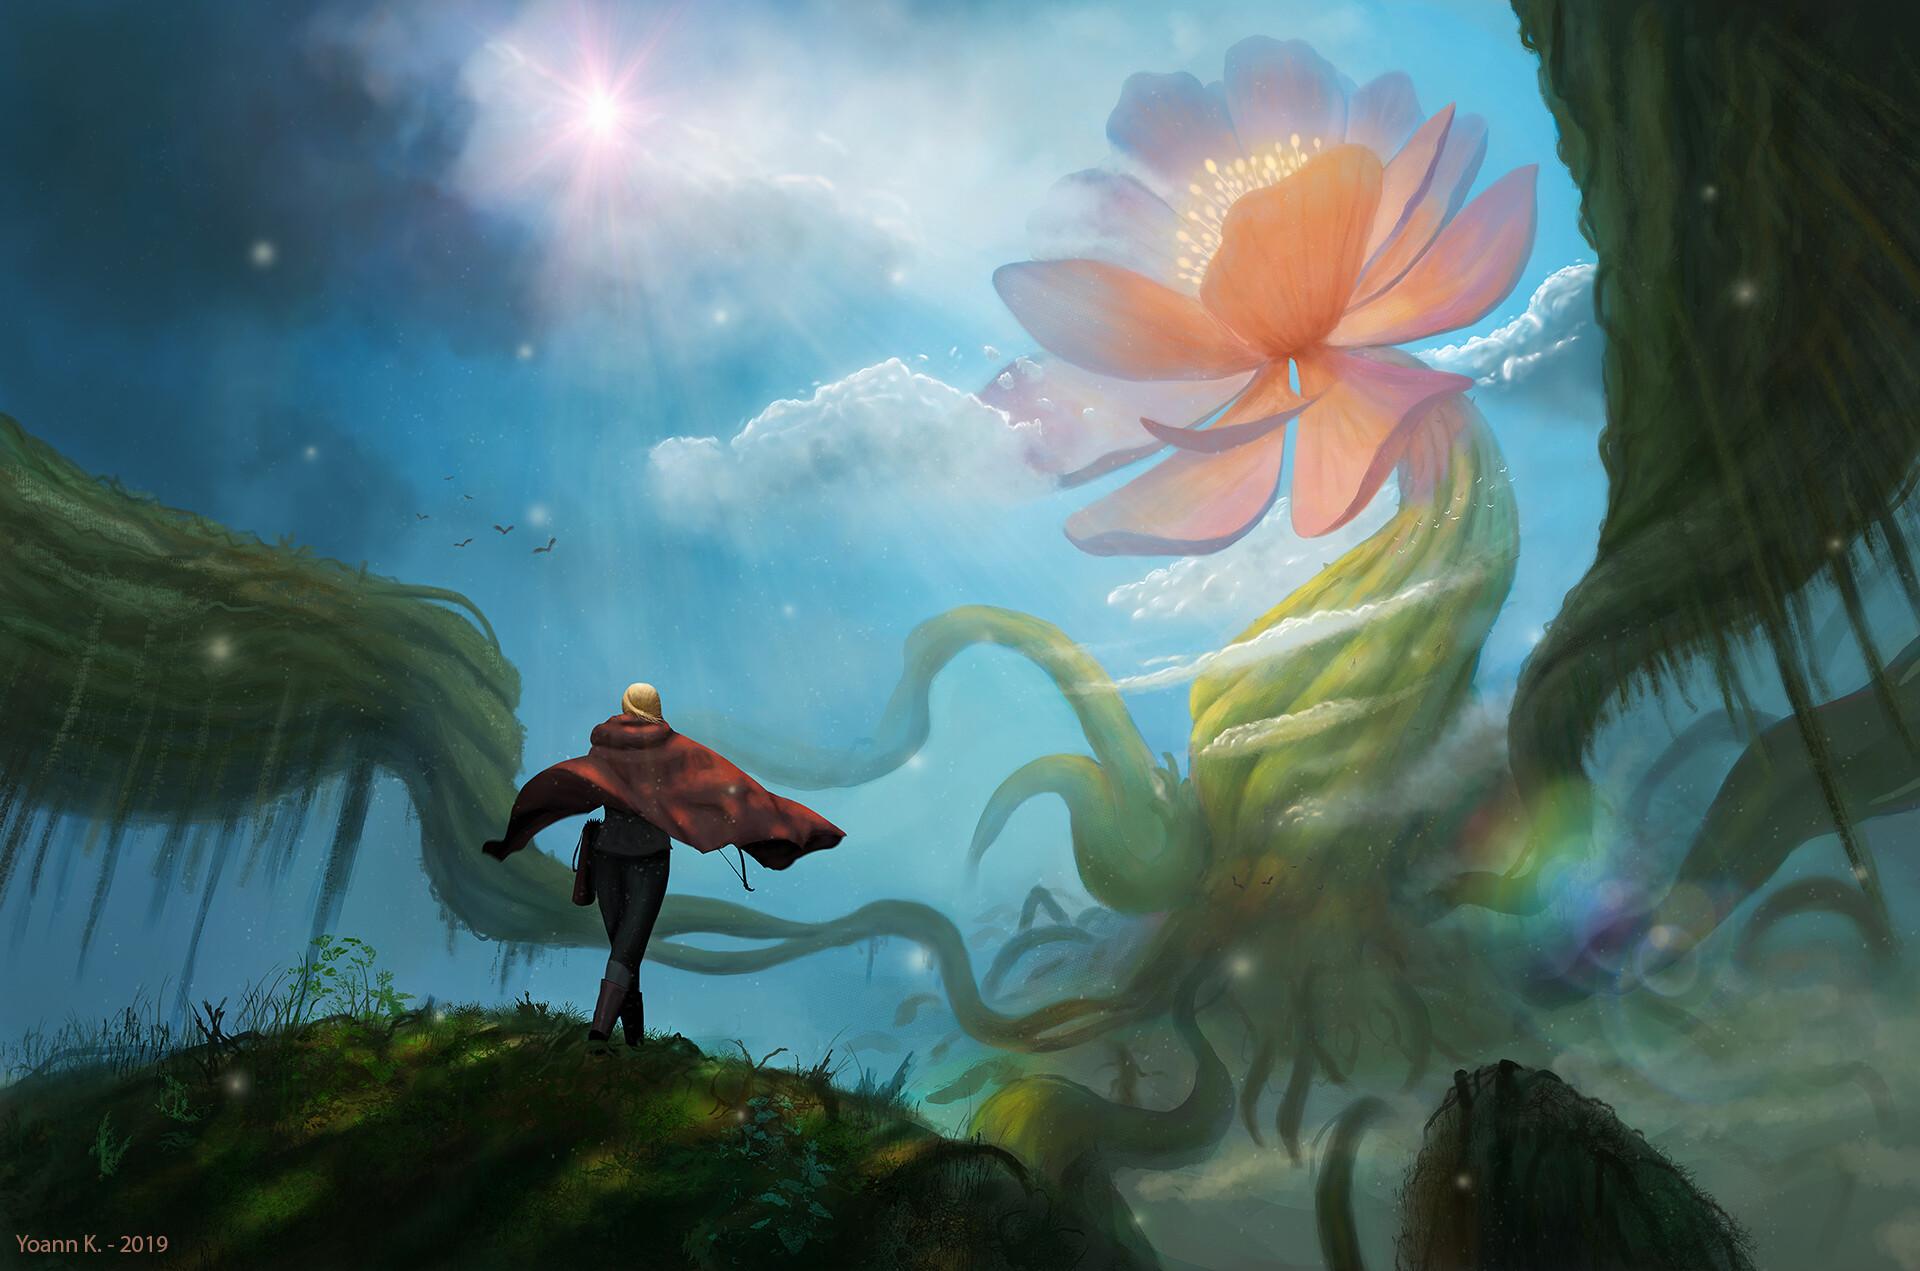 The Giant Flower - DigitalPainting.School by Yoann (oxhi) Keraven